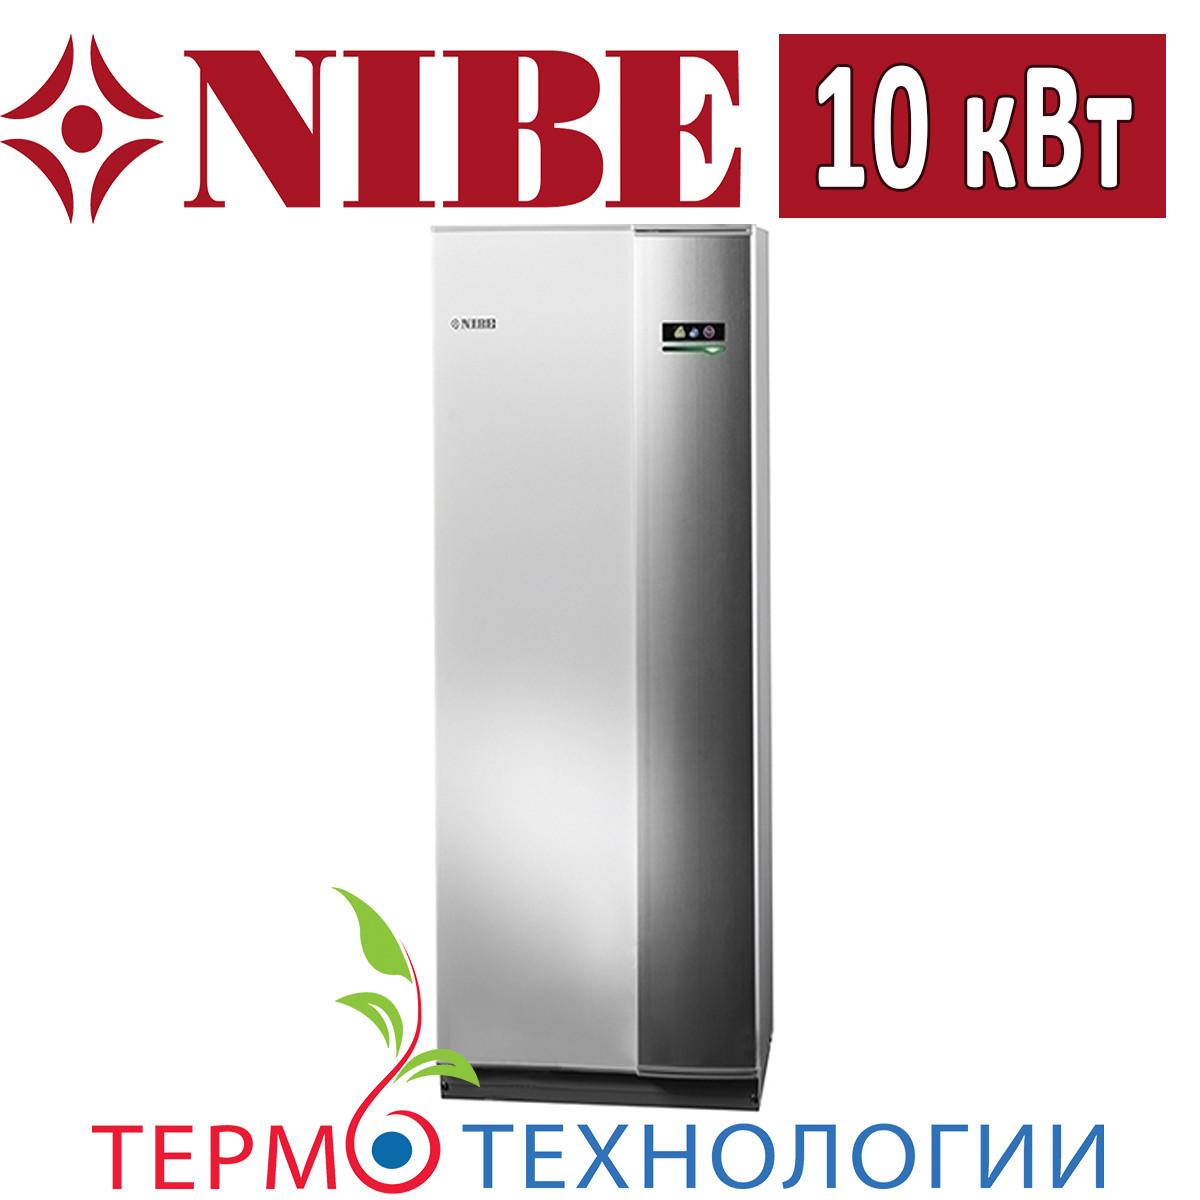 Тепловой насос грунт-вода Nibe F1245-10 E 10 кВт, 380 В